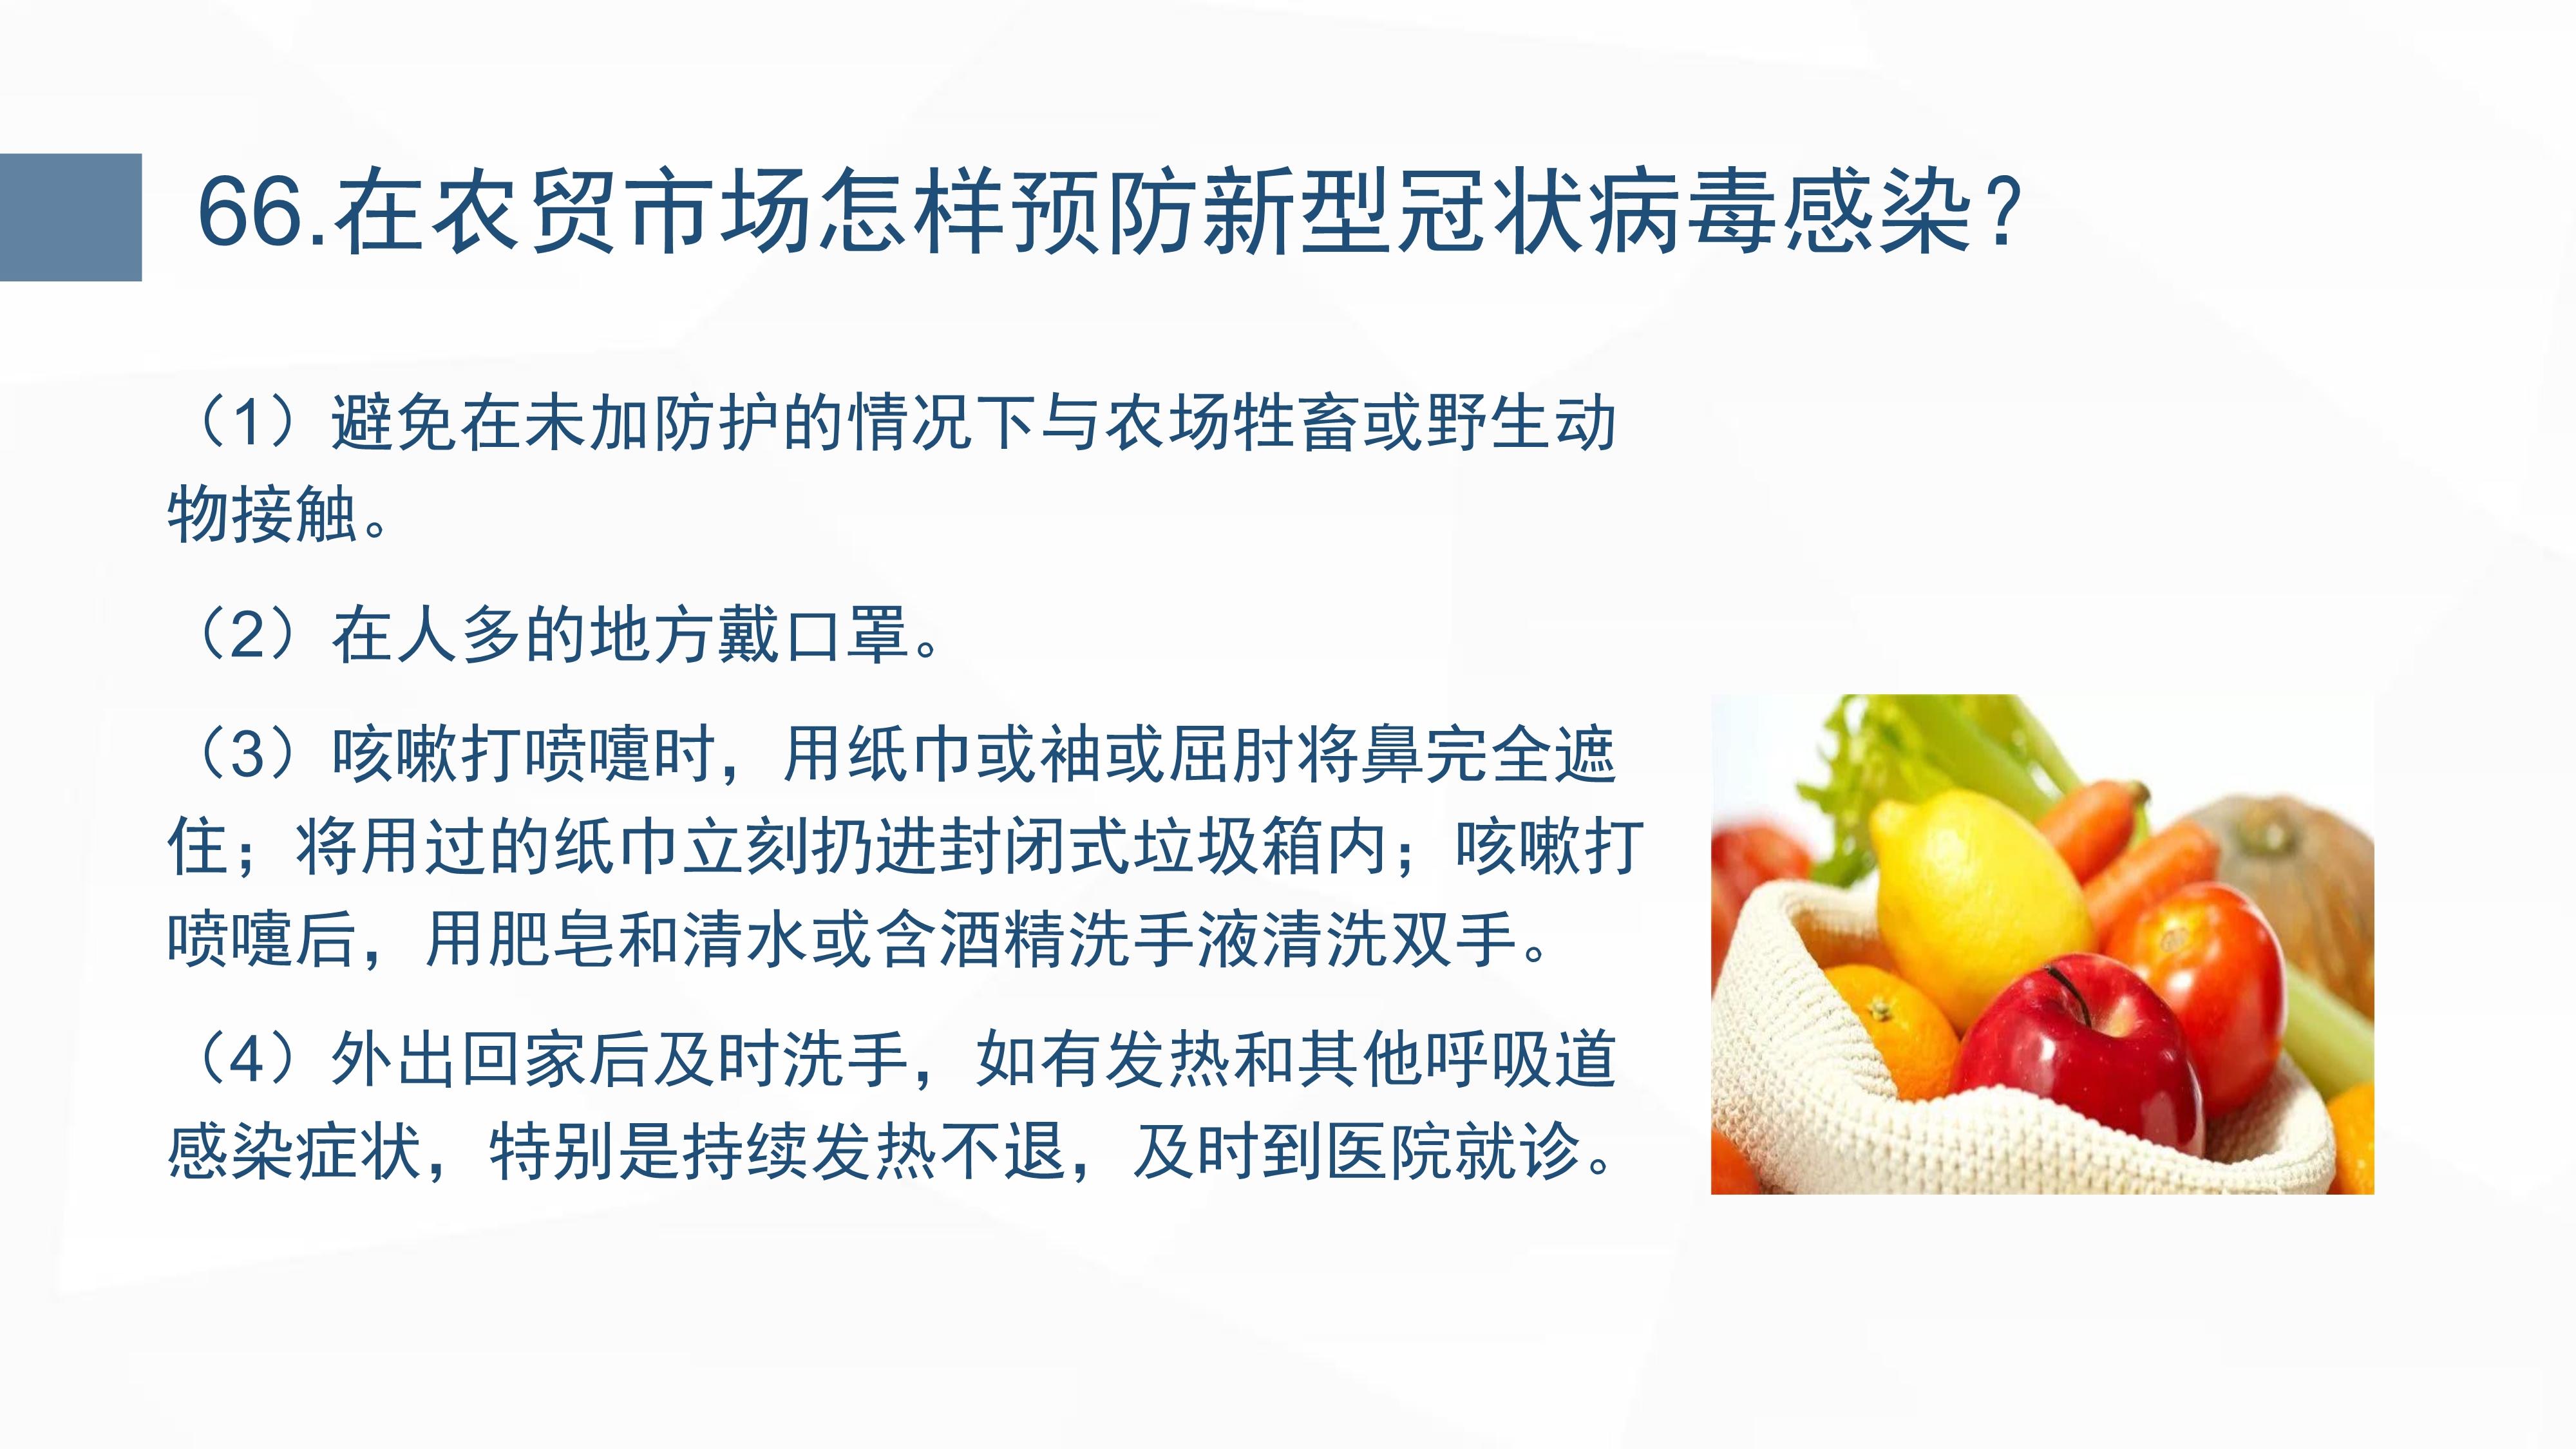 新型冠状病毒肺炎预防手册_74